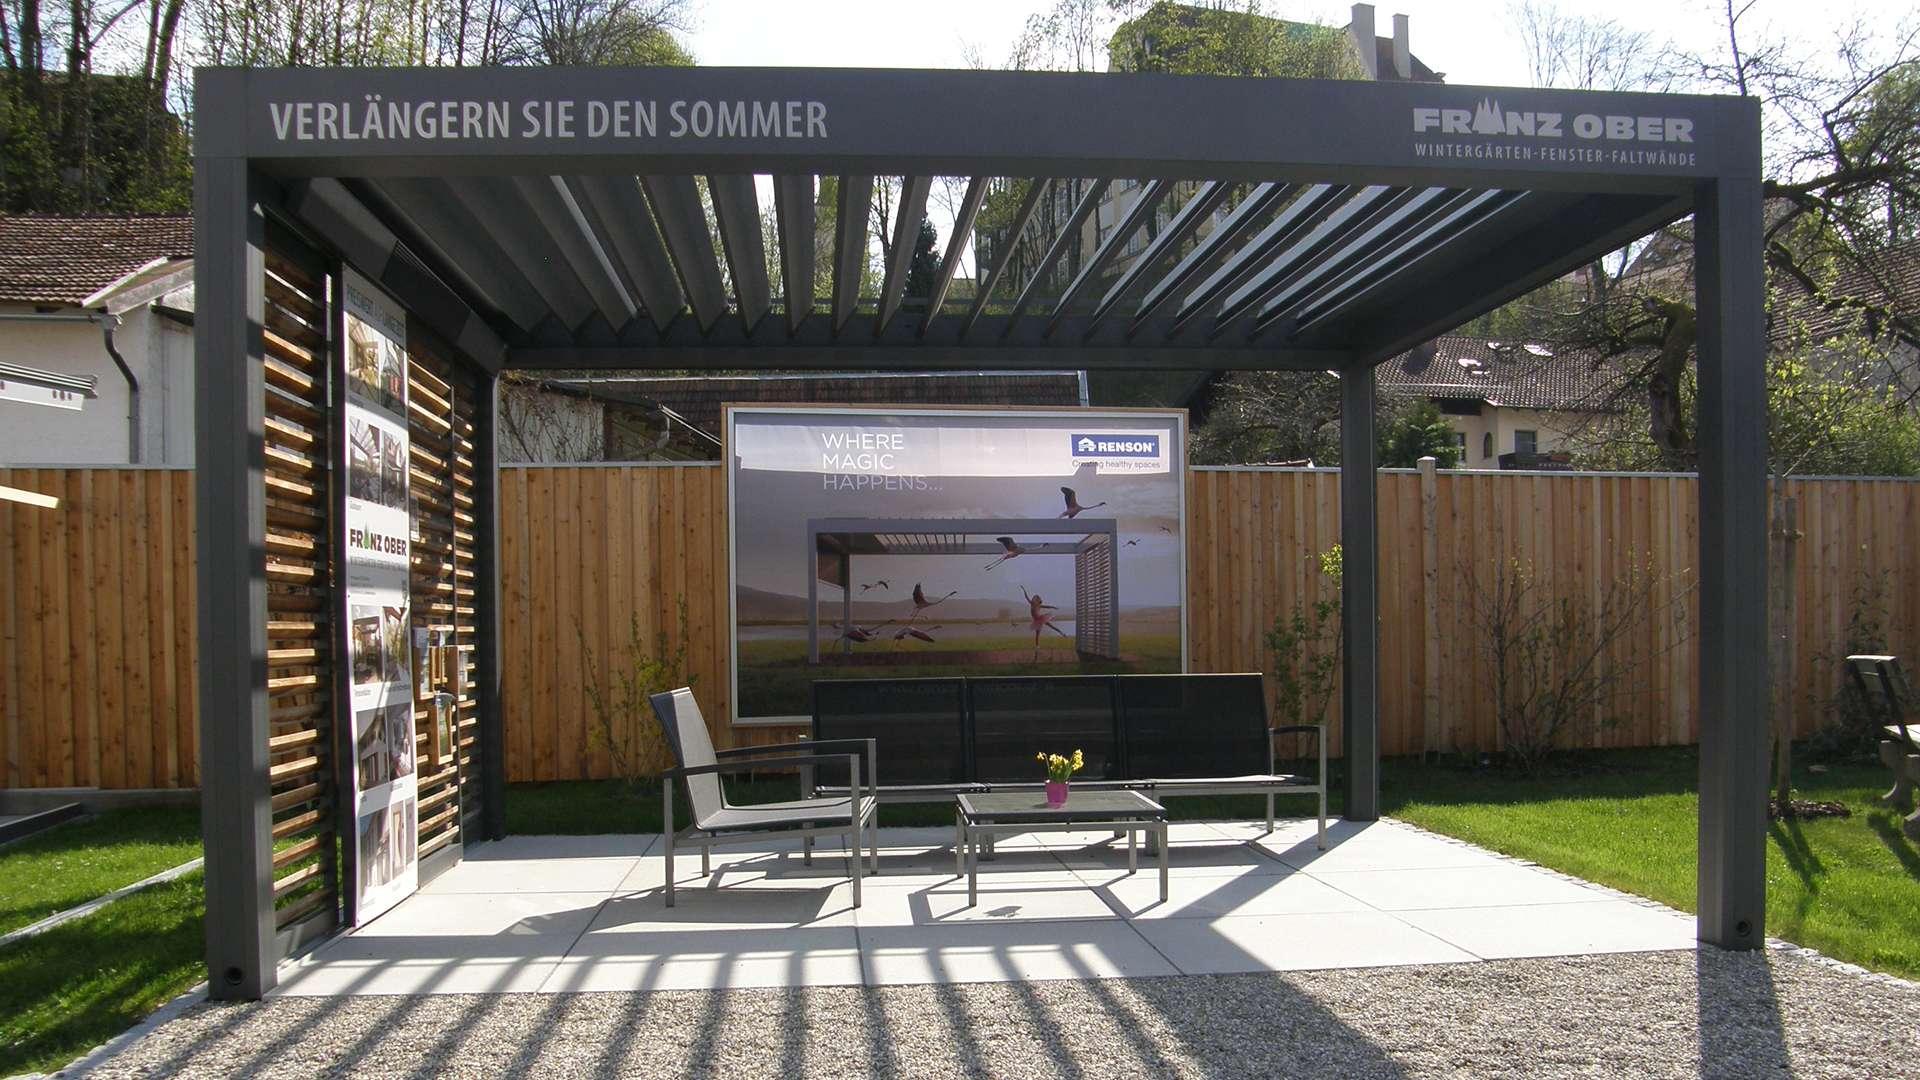 Renson Lamellendach mit geöffneten Lamellen in der Außenausstellung der Schreinerei Ober in Neuötting